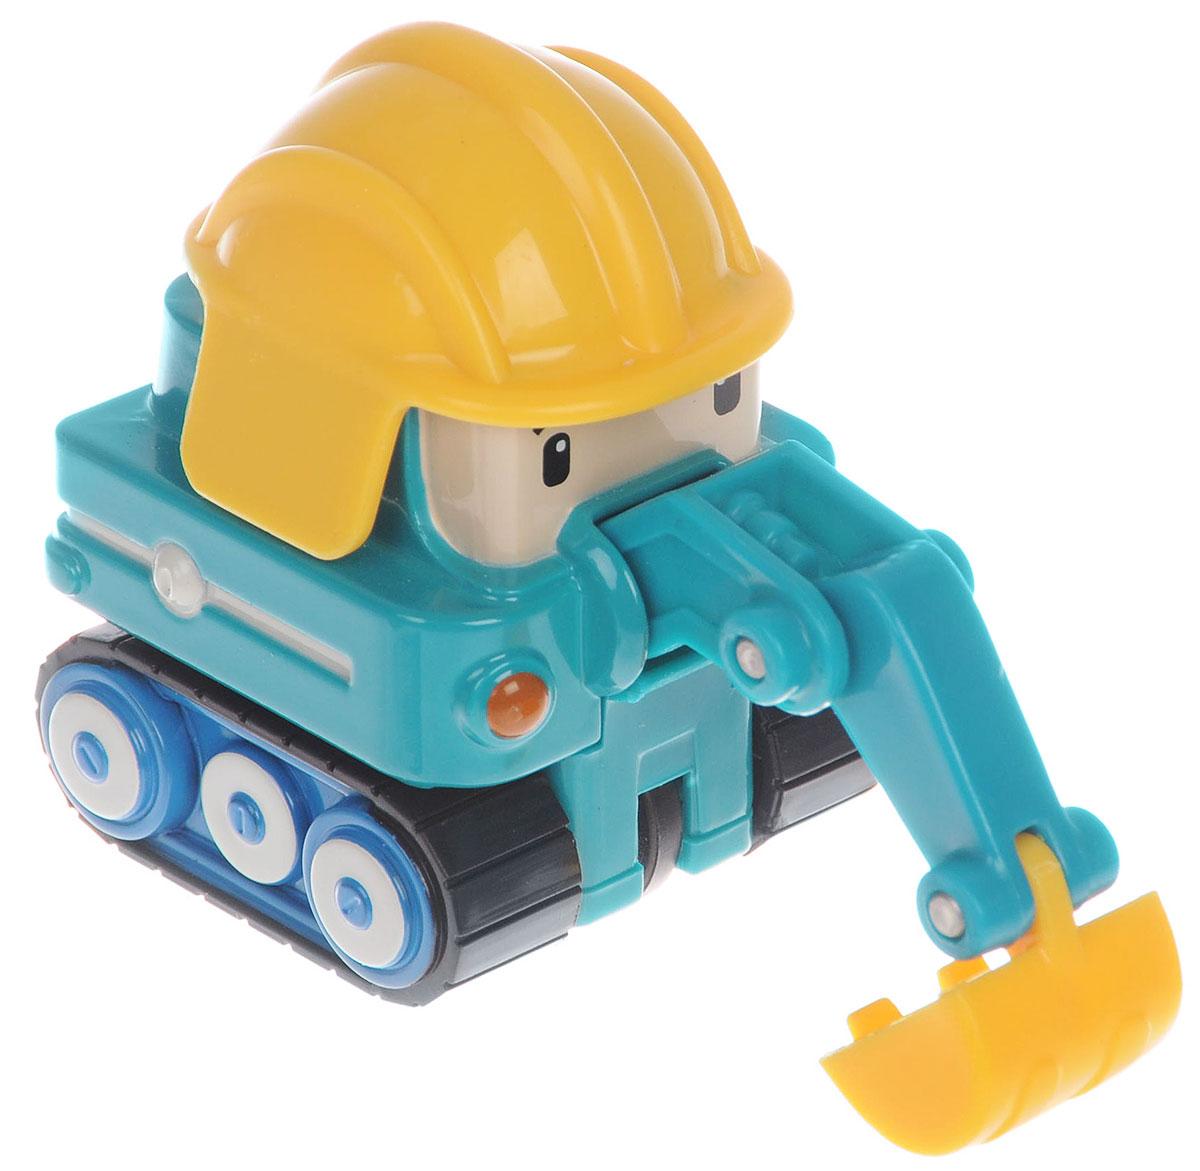 Robocar Poli Экскаватор Пок83177Яркая игрушка Poli Экскаватор Пок непременно понравится вашему малышу. Она выполнена из металла с элементами пластика в виде экскаватора Пока - персонажа популярного мультсериала Robocar Poli. Пок оснащен поднимающимся ковшом и колесиками со свободным ходом, позволяющими катать машинку. Благодаря небольшому размеру ребенок сможет взять игрушку с собой на прогулку, в поездку или в гости. Порадуйте своего малыша таким замечательным подарком!